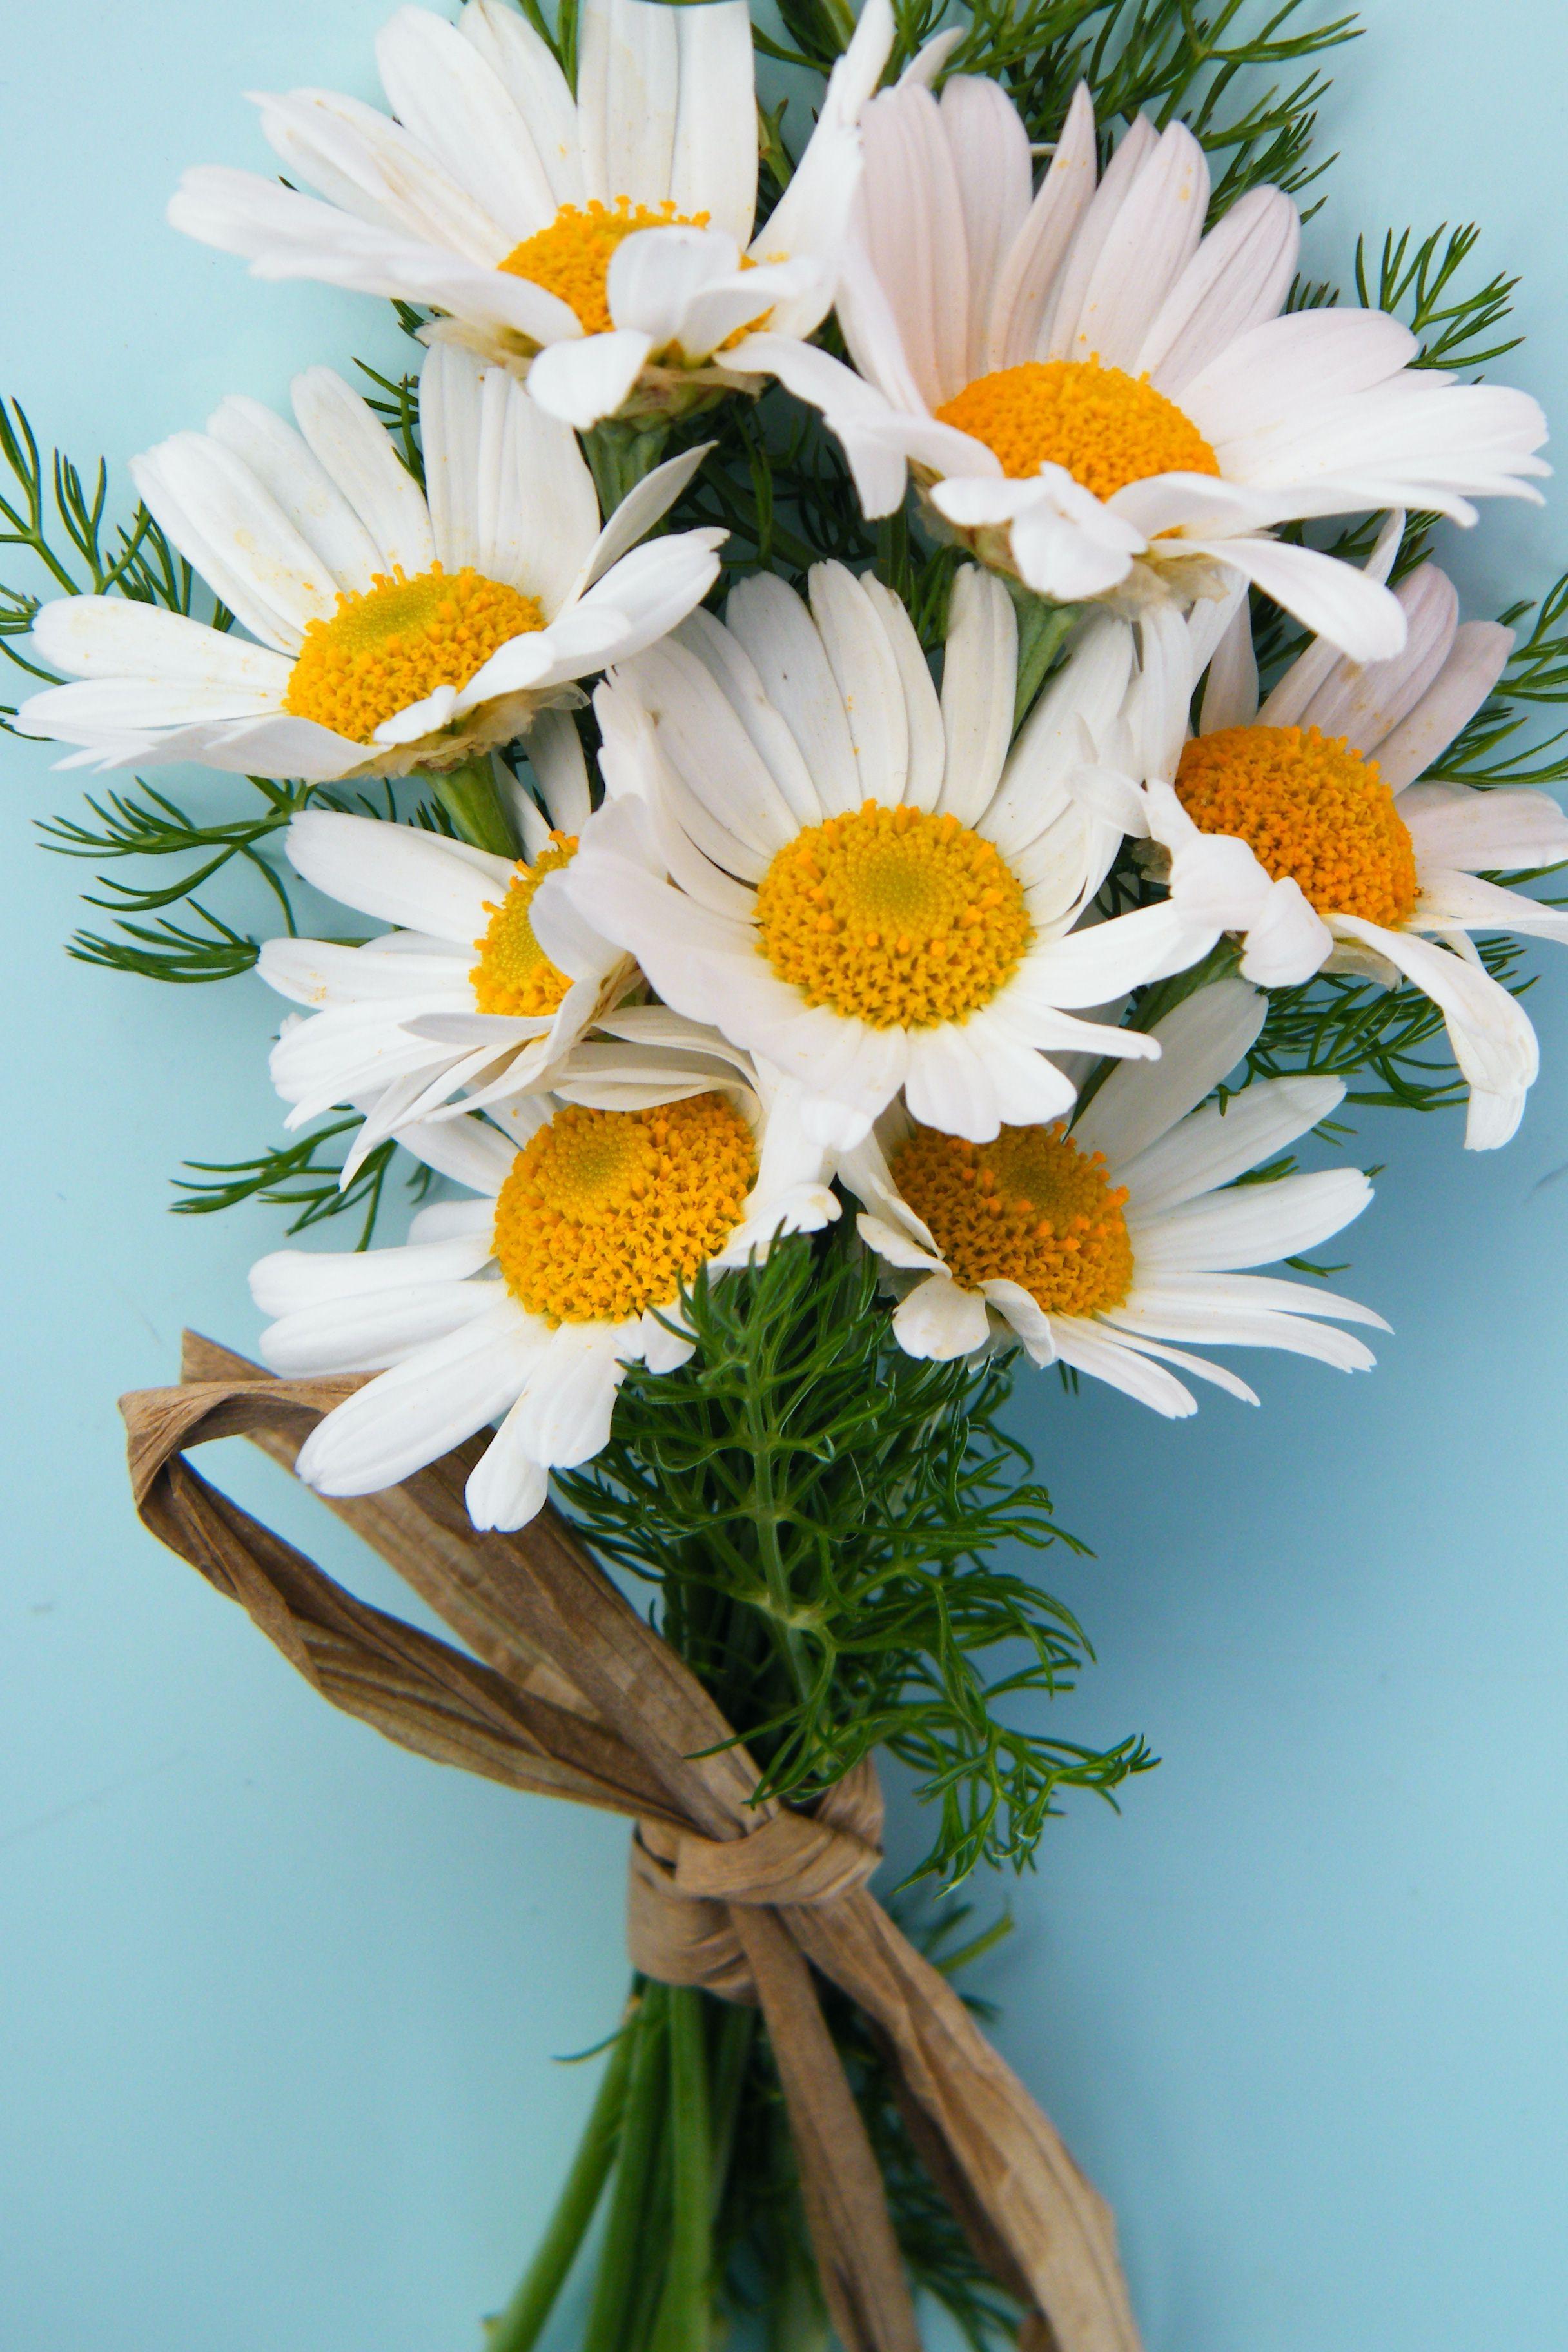 Small Bunch Daisies Waltz the Flowers Pinterest Design Daisy Flower Bouquet 35